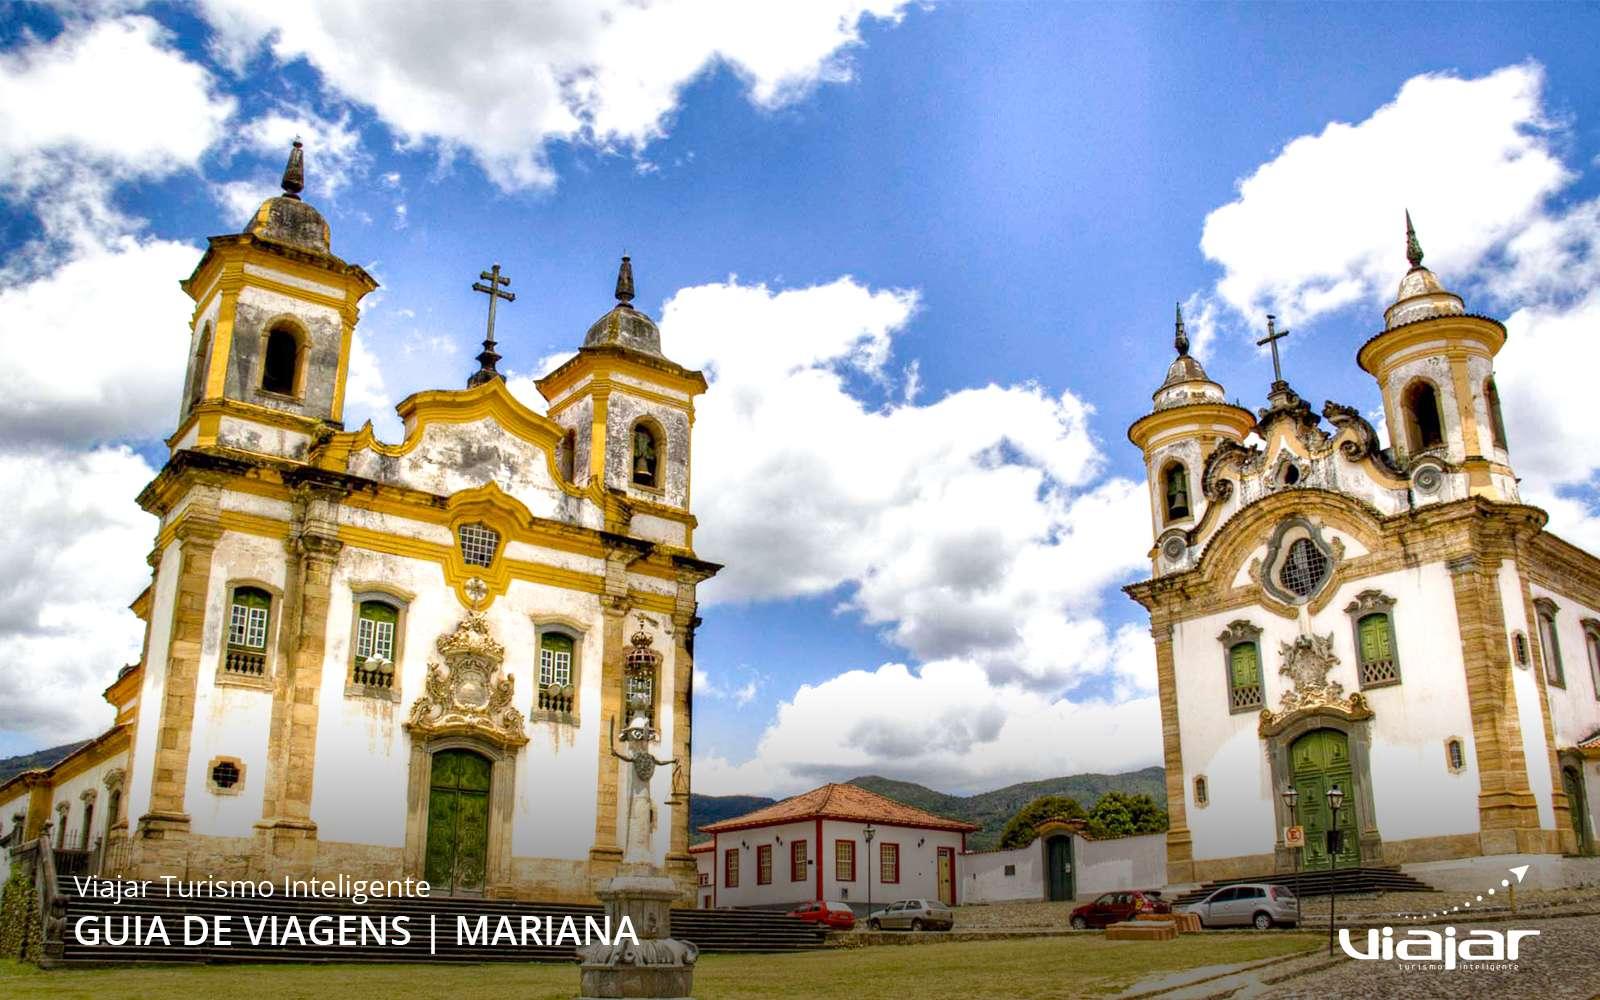 viajar-turismo-inteligente-belo-horizonte-conheca-mariana-minas-gerais-05